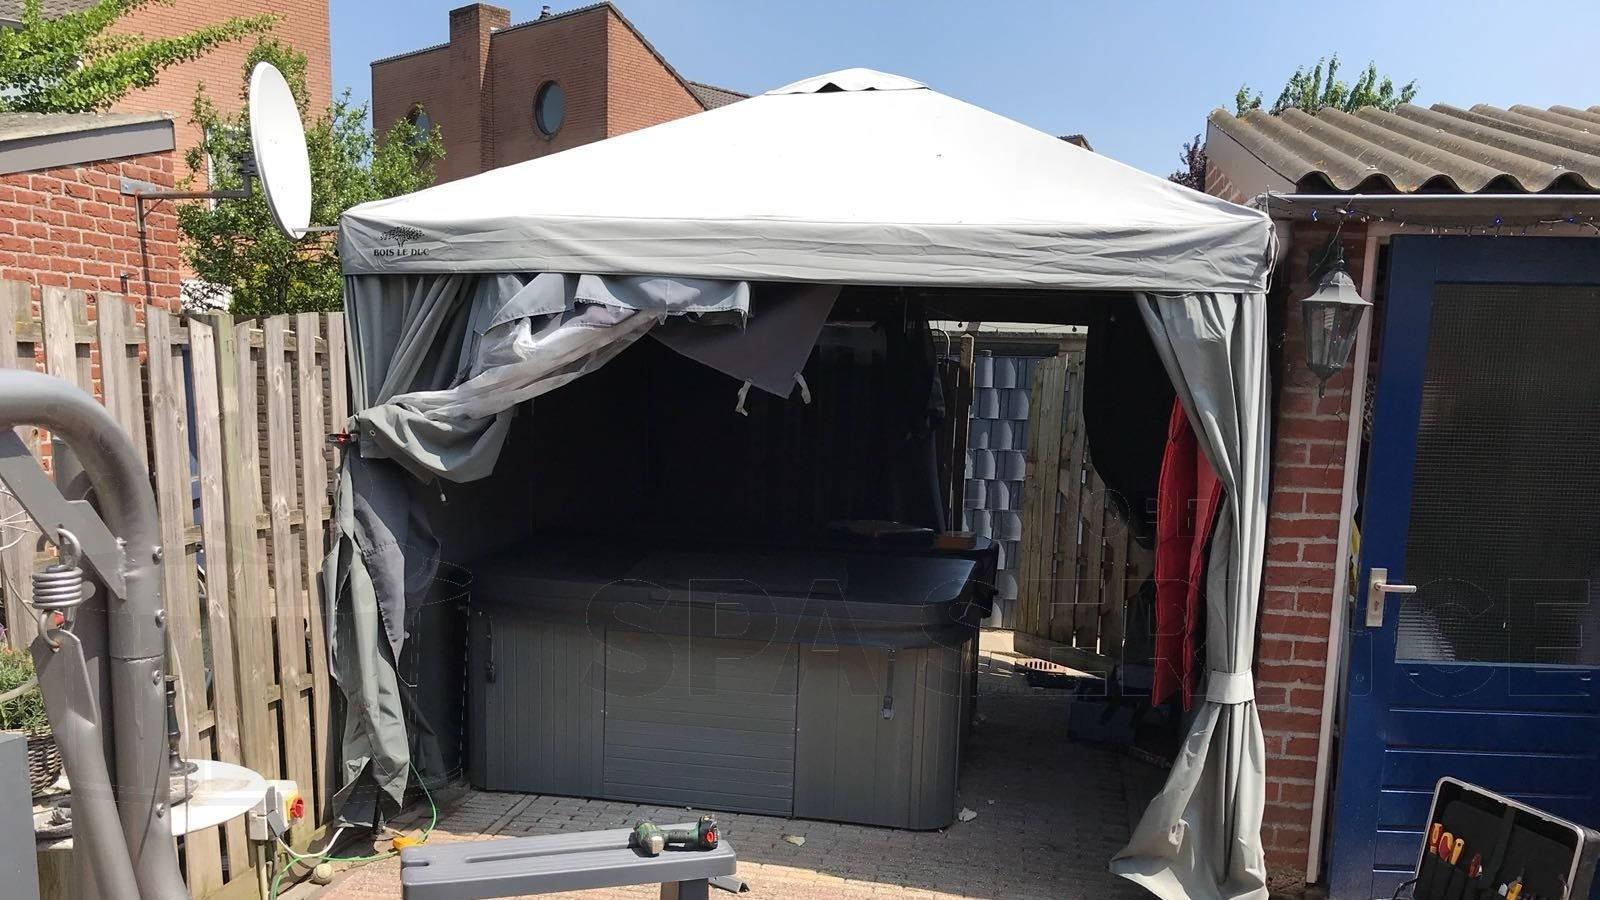 Reparatie lekkage en speaker vervangen van een Sunspa spa in Etten-Leur